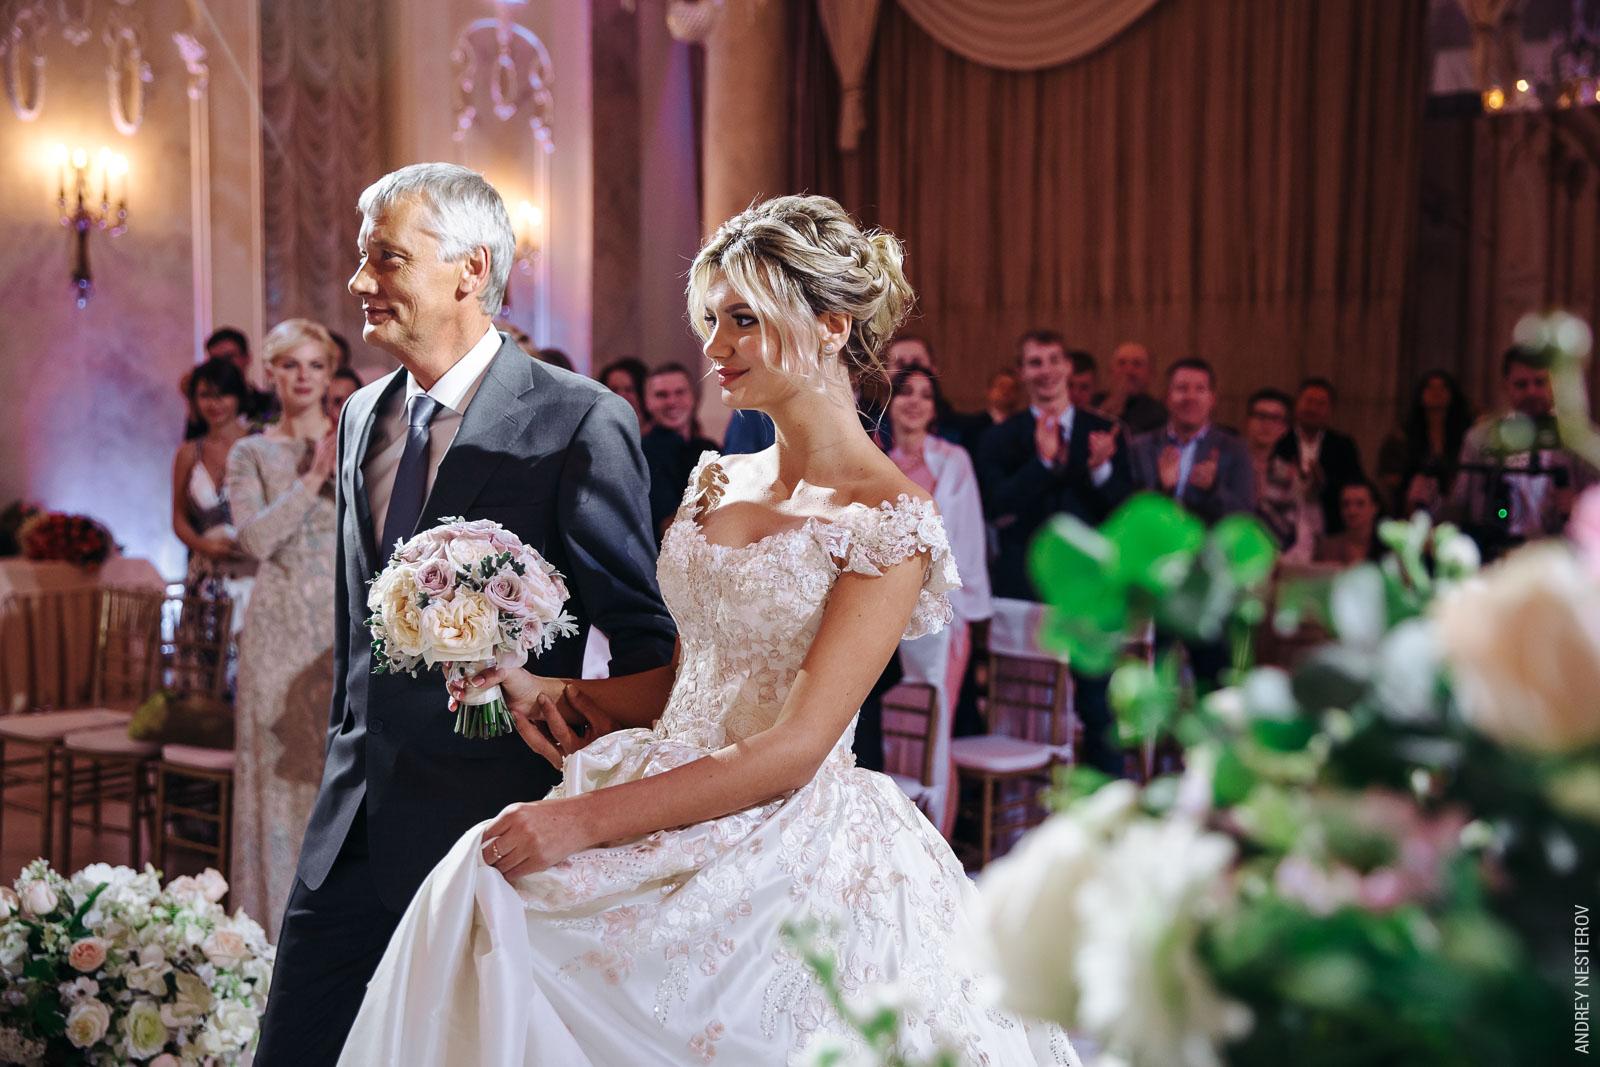 Свадьба дюжева фото со свадьбы